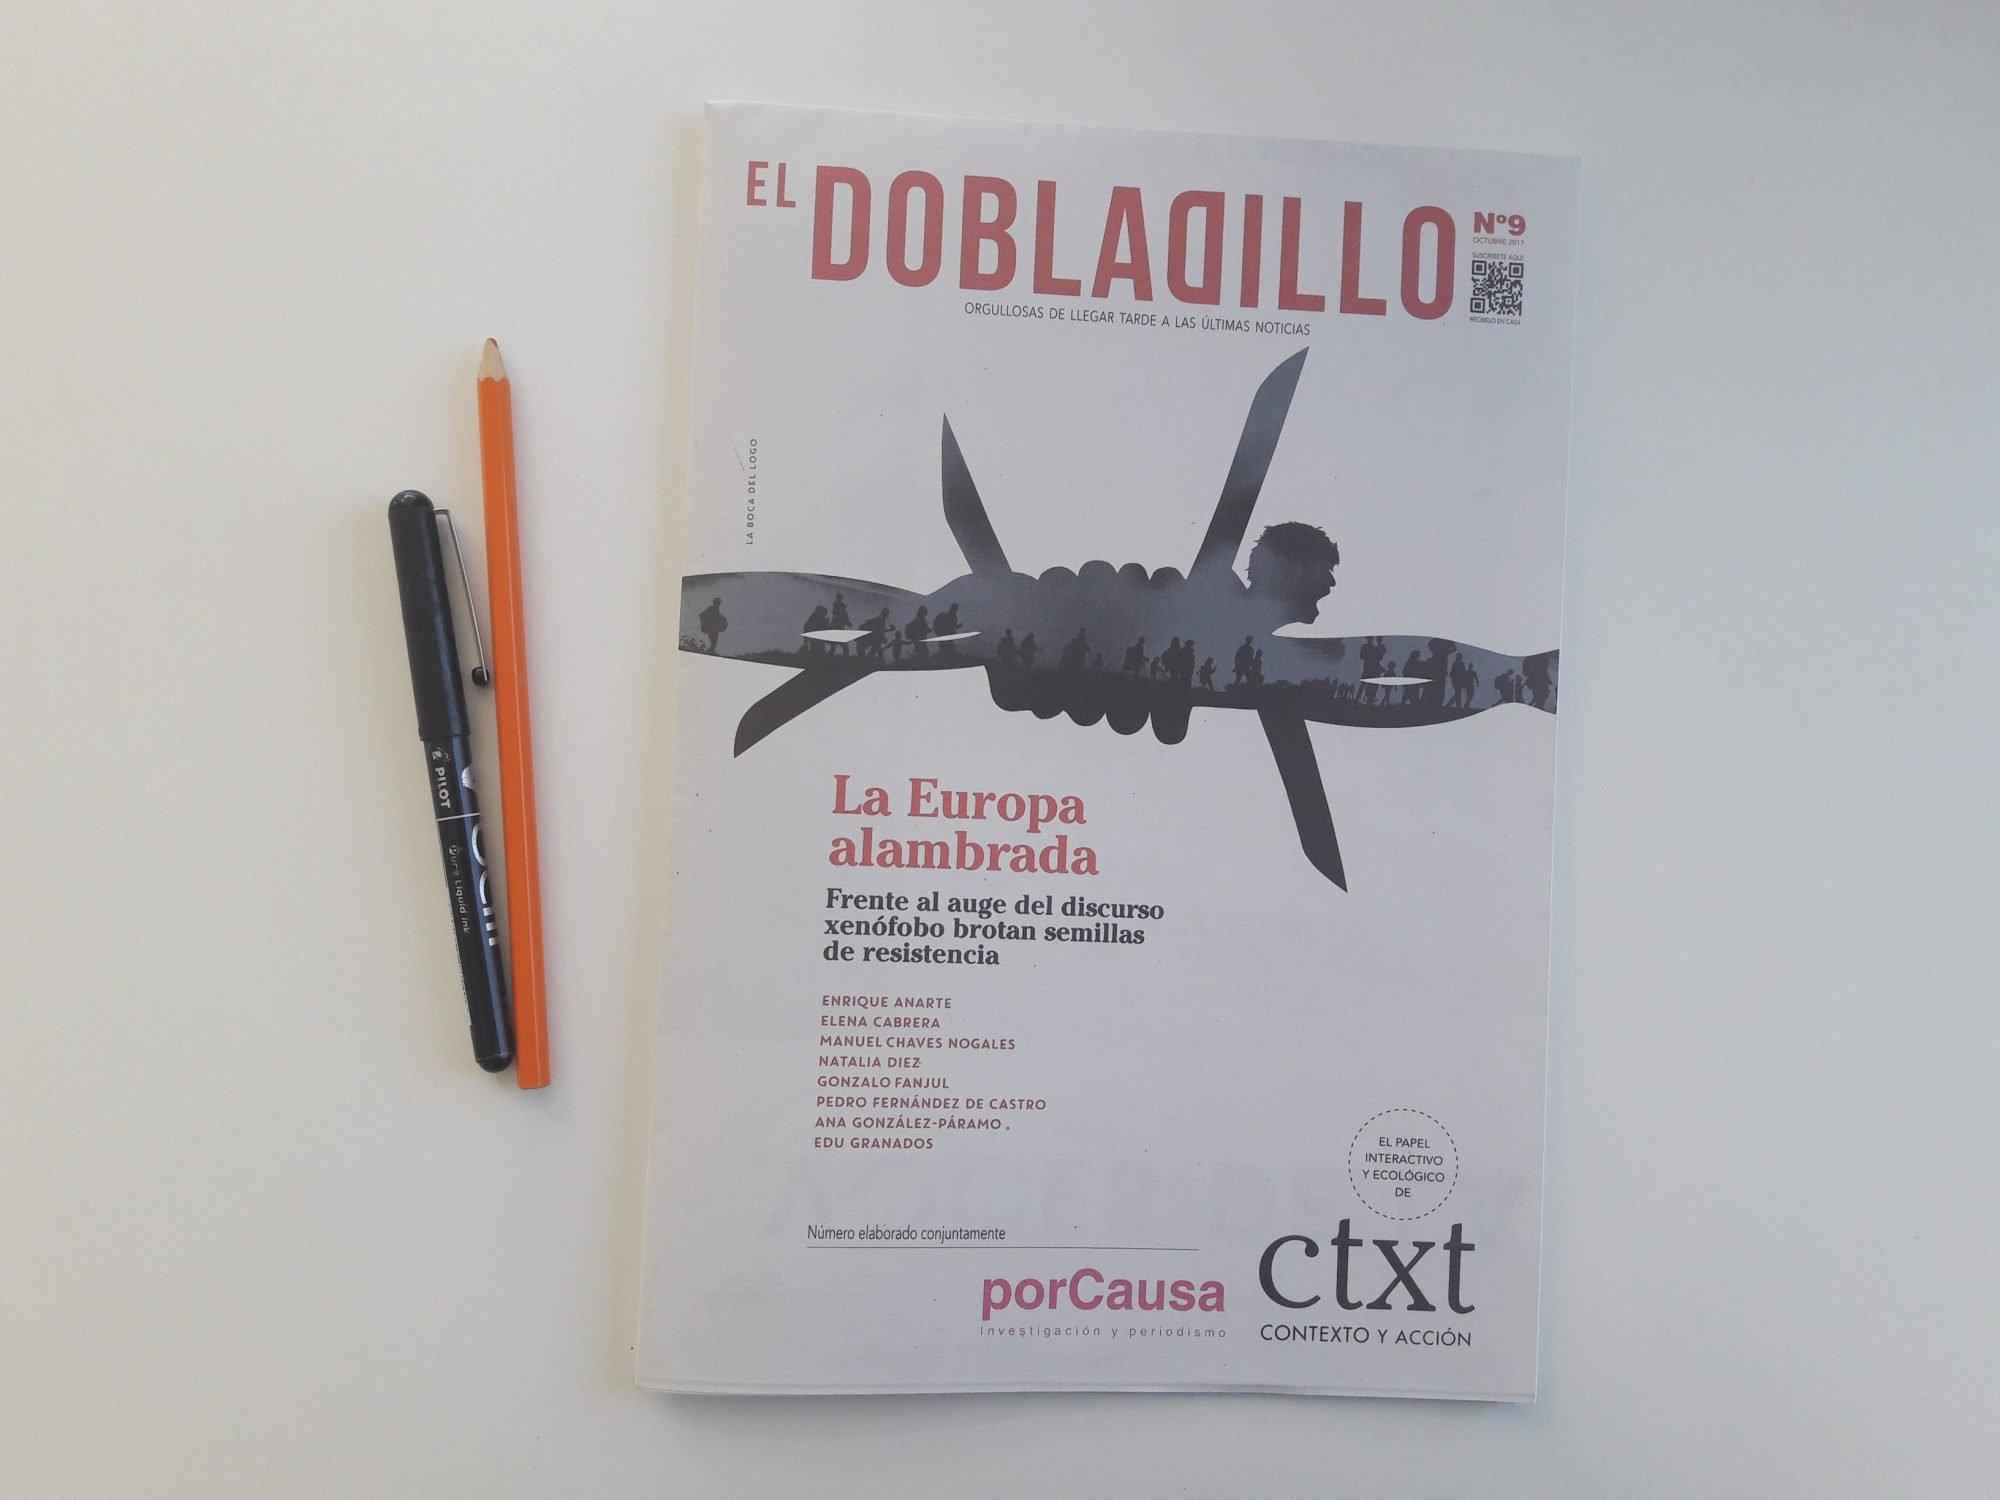 El Dobladillo de Ctxt